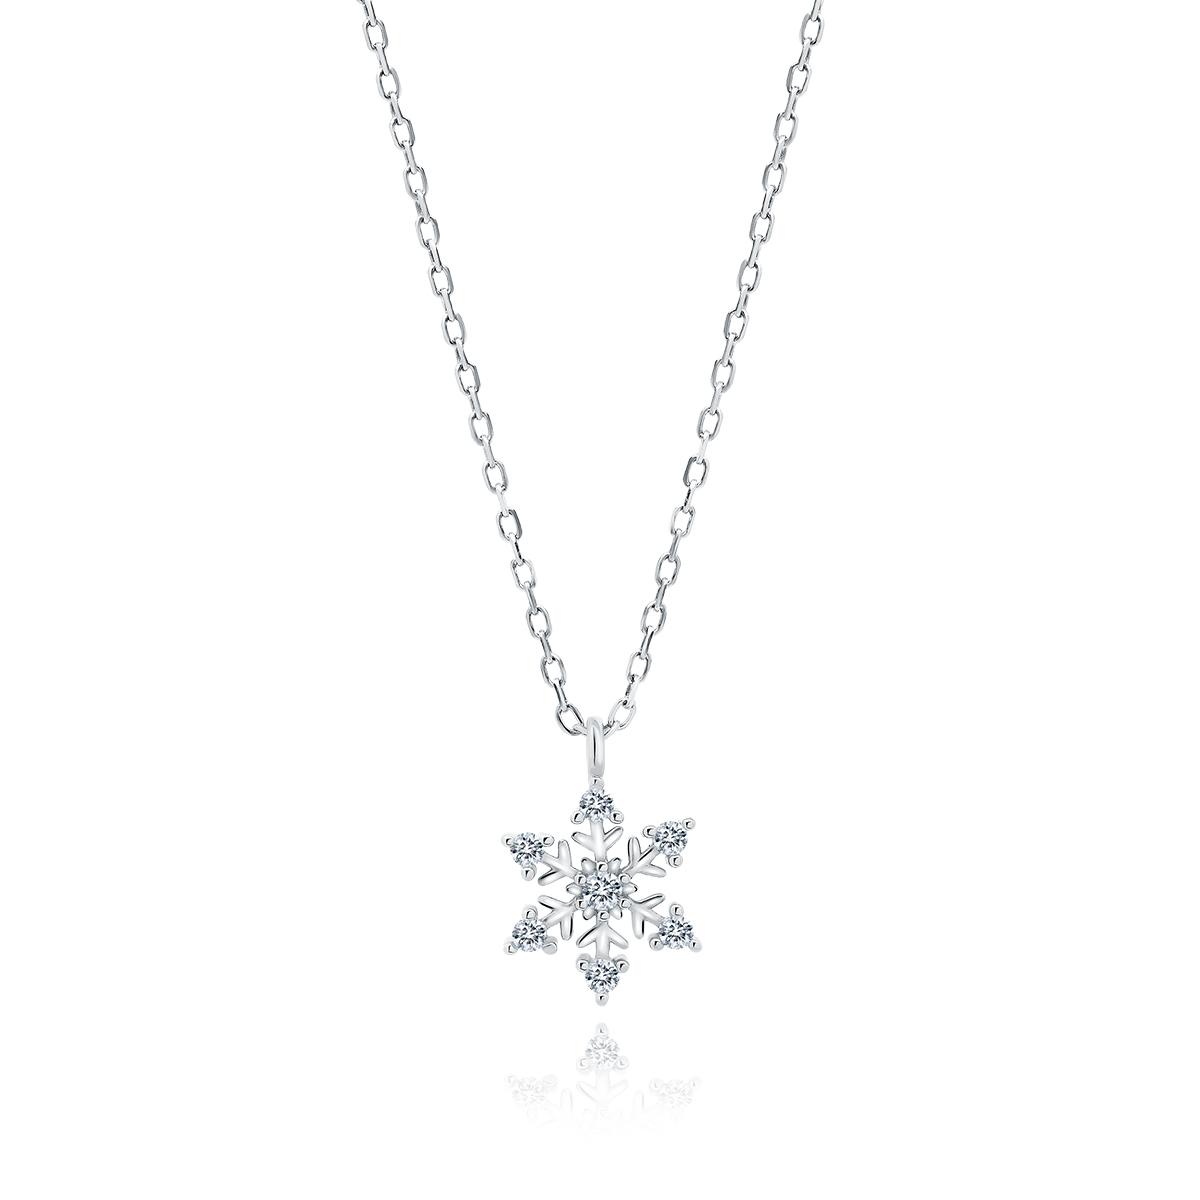 OLIVIE Strieborný náhrdelník SNEHOVÁ VLOČKA 5286 Ag 925; ≤1,6 g.